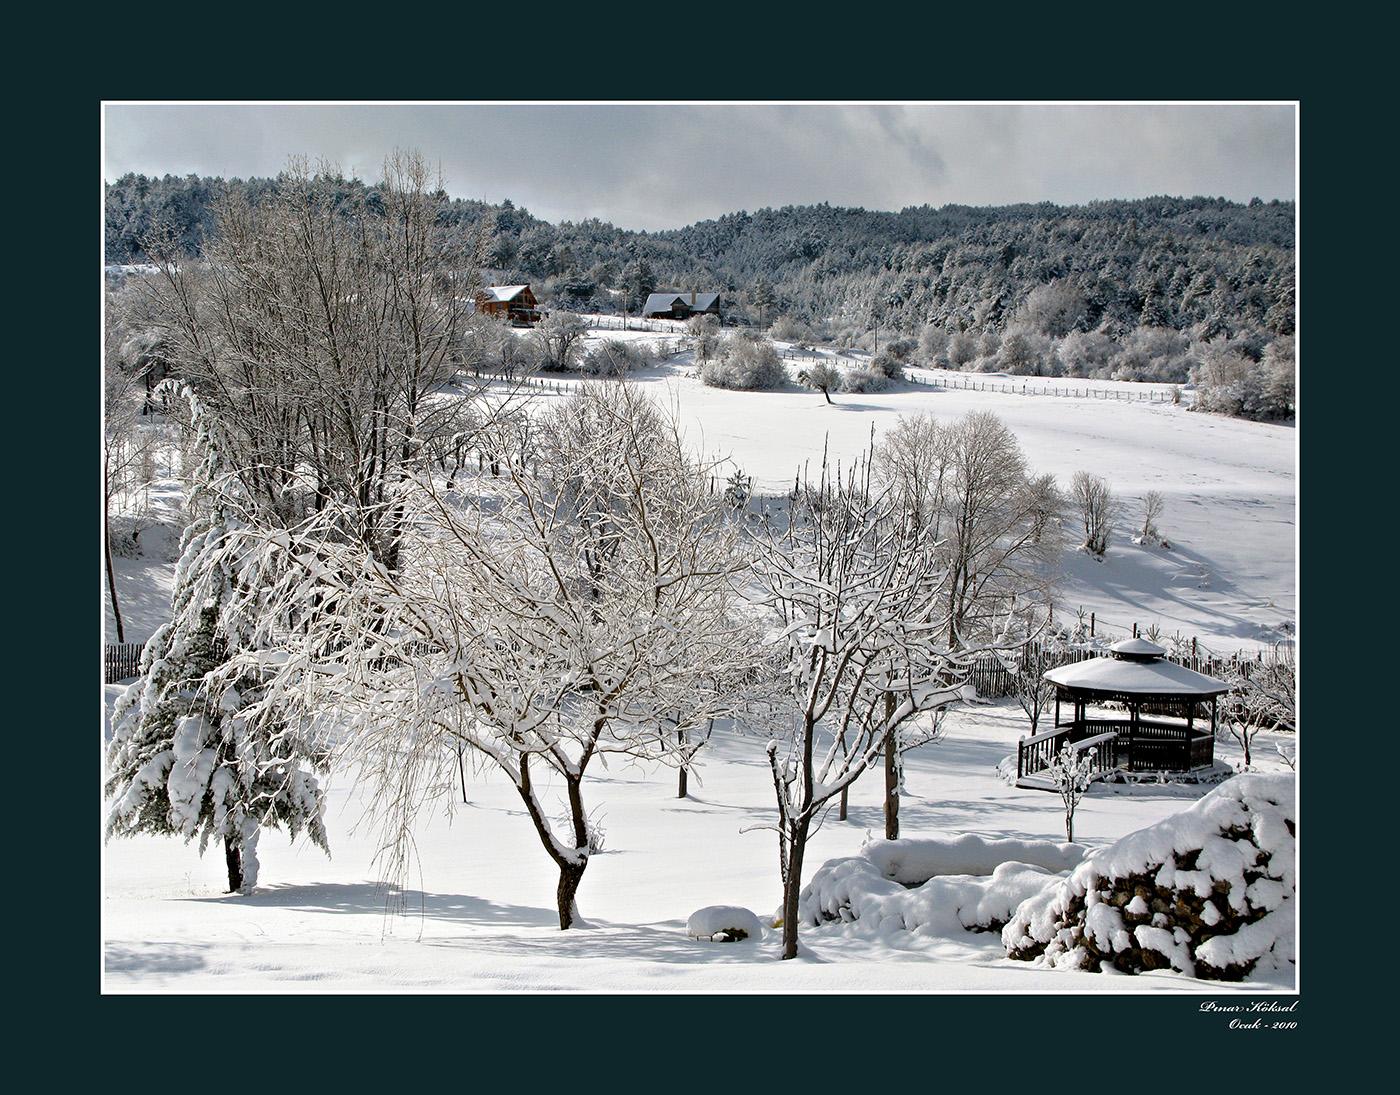 Bahçemde Kış-1, Gövem Köyü, Bolu, Ocak 2010